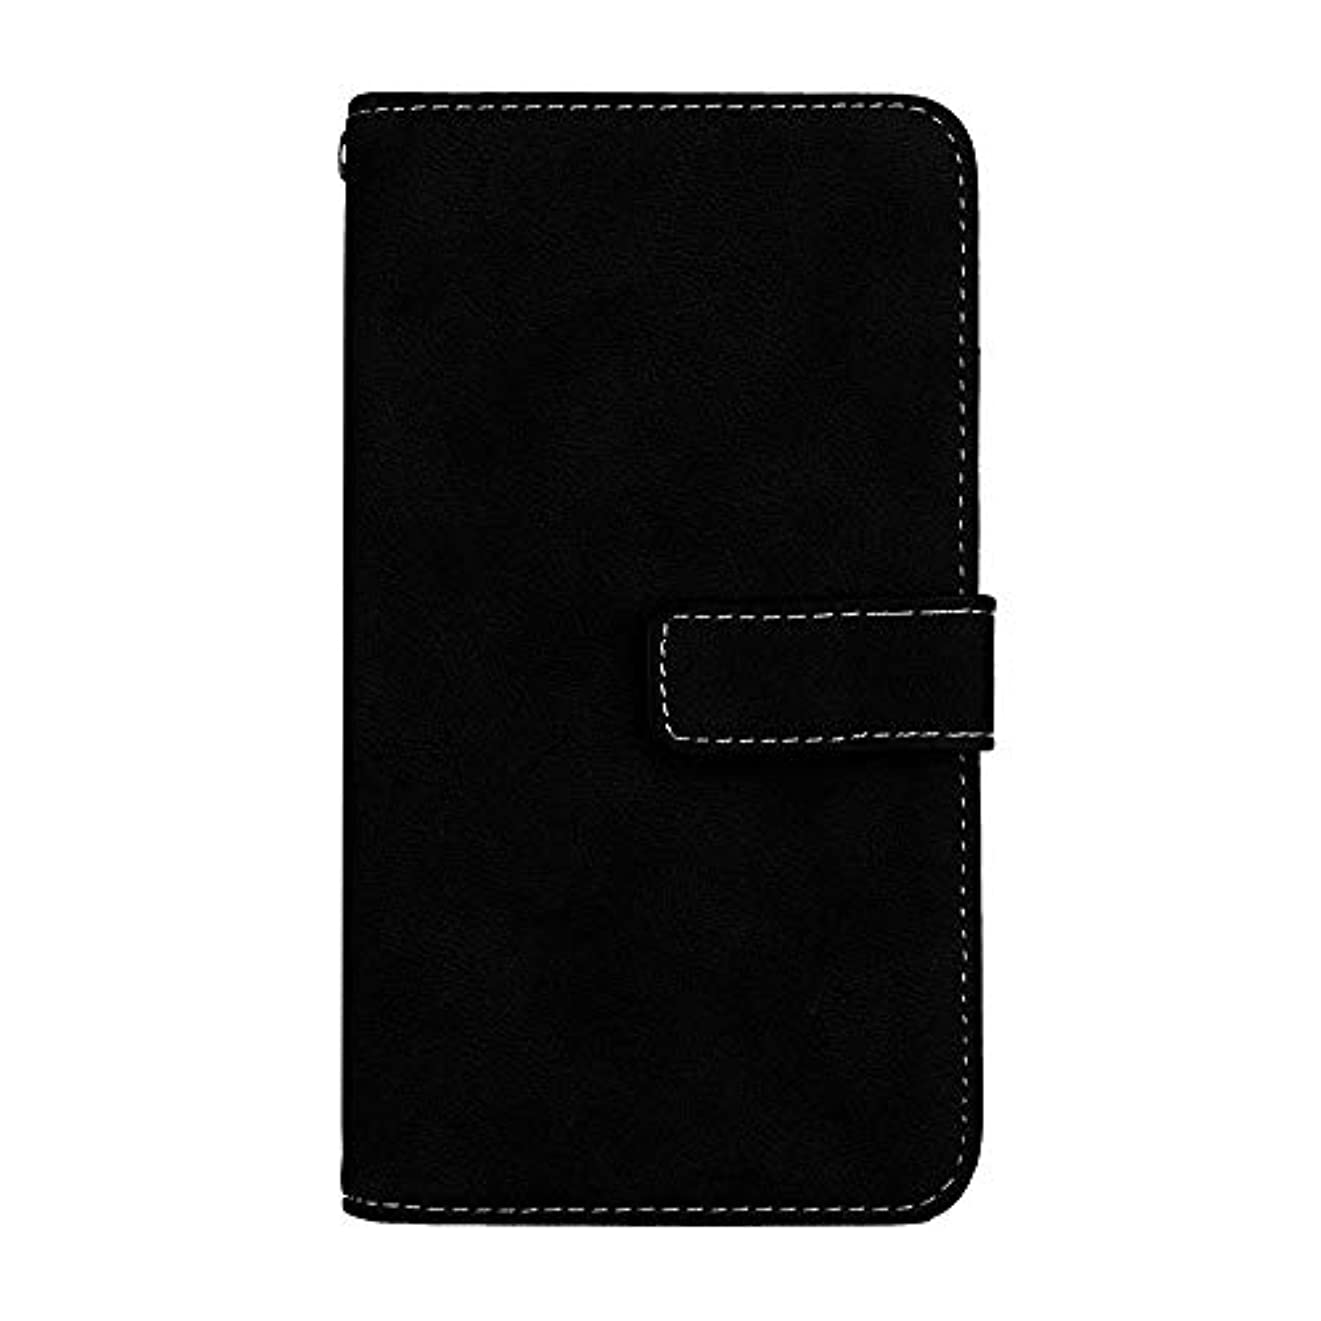 盗難中間機知に富んだXiaomi Redmi 6 高品質 マグネット ケース, CUNUS 携帯電話 ケース 軽量 柔軟 高品質 耐摩擦 カード収納 カバー Xiaomi Redmi 6 用, ブラック